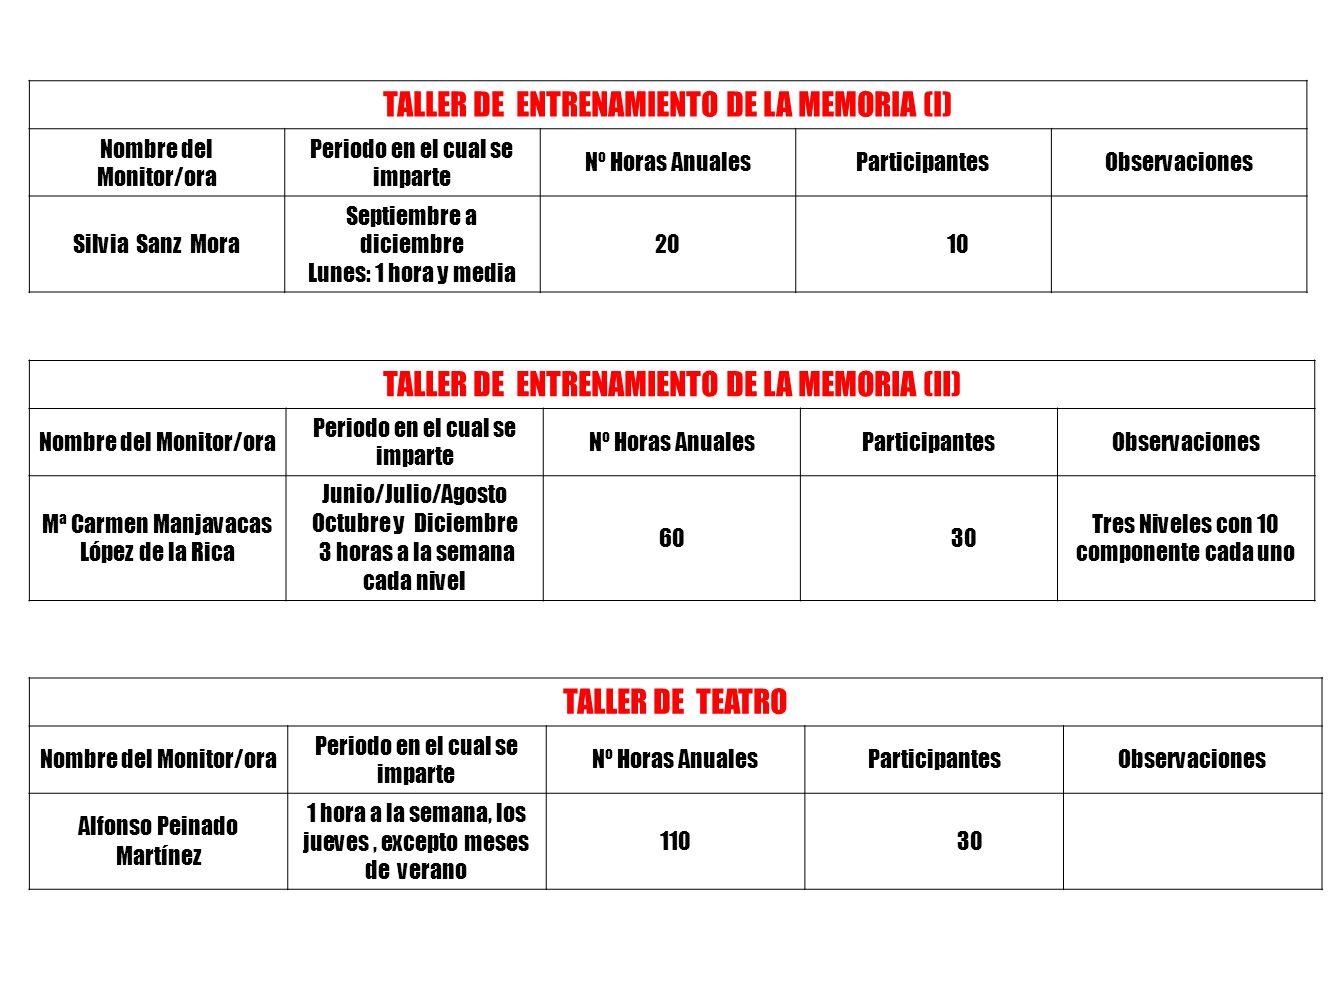 TALLER DE ACORDEON Nombre del Monitor/oraPeriodo en el cual se imparte Nº Horas Anuales ParticipantesObservaciones Joaquin Romero de Avila Romero de A